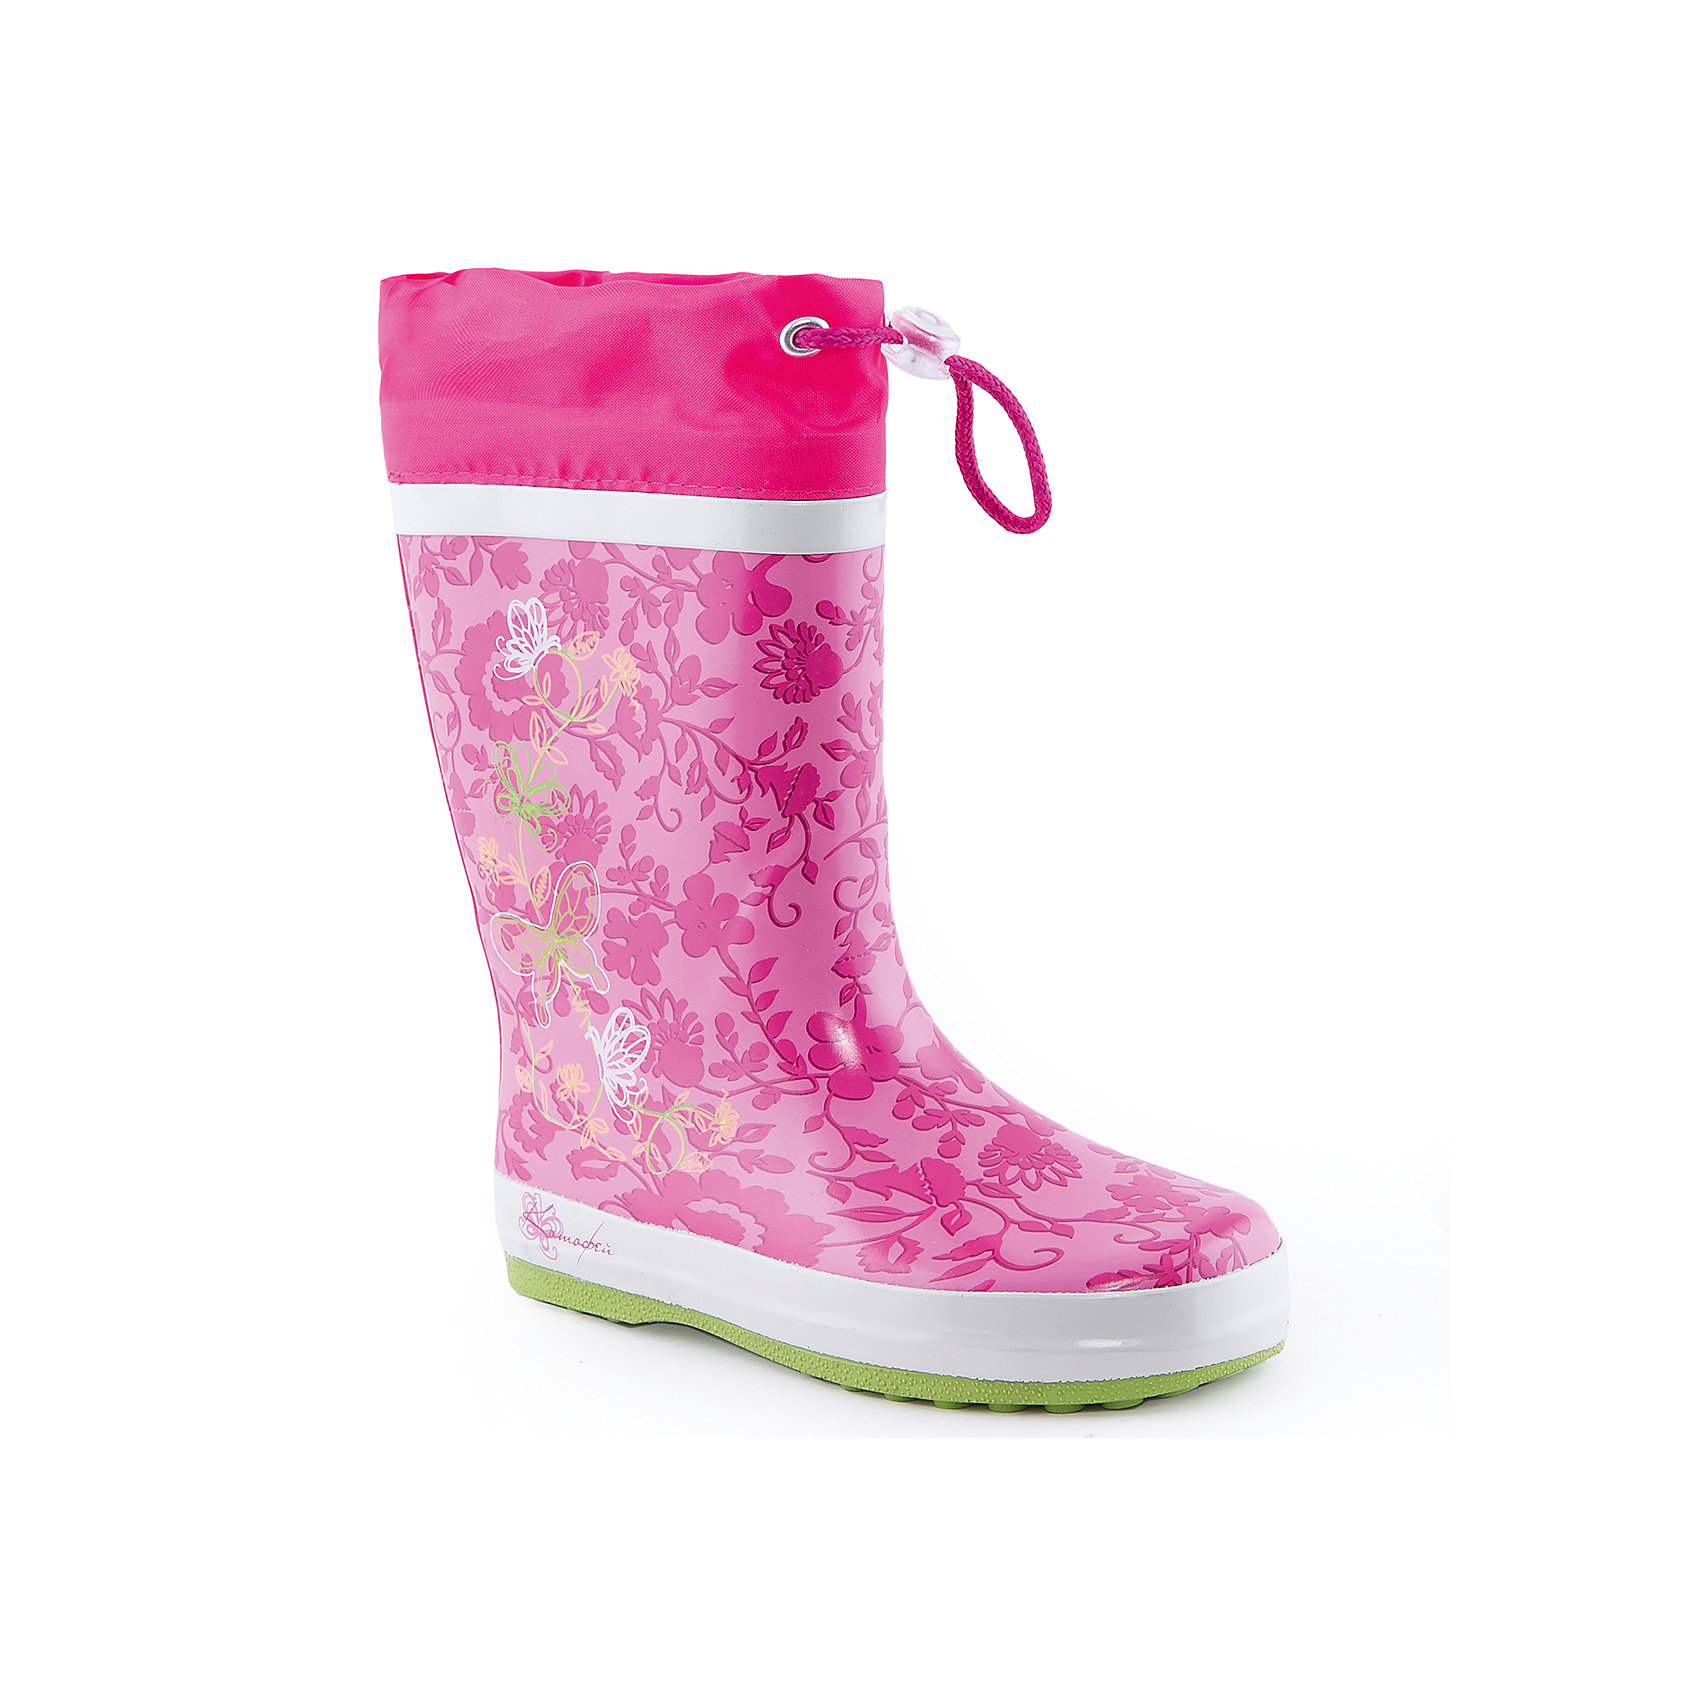 Резиновые сапожки для девочки КотофейРезиновые сапоги<br>Сапожки для девочки от известного российского бренда Котофей <br><br>Яркие модные сапоги сделаны из качественной резины. Они позволят защитить ноги ребенка от сырости.<br>Высокое голенище с утяжкой защитит одежду от грязи и влаги.<br><br>Отличительные особенности модели:<br><br>- цвет: розовый;<br>- удобная колодка;<br>- утяжка со стоппером на голенище;<br>- качественные материалы;<br>- толстая устойчивая подошва;<br>- сделаны с помощью горячей вулканизации;<br>- текстильная подкладка;<br>- декорированы принтом.<br><br>Дополнительная информация:<br><br>Температурный режим: от +5° С до +25° С.<br><br>Состав:<br>верх - резина;<br>подкладка - текстиль;<br>подошва - резина.<br><br>Сапожки для девочки Котофей можно купить в нашем магазине.<br><br>Ширина мм: 257<br>Глубина мм: 180<br>Высота мм: 130<br>Вес г: 420<br>Цвет: розовый<br>Возраст от месяцев: 108<br>Возраст до месяцев: 120<br>Пол: Женский<br>Возраст: Детский<br>Размер: 33,32,31,34,30,35<br>SKU: 4565913